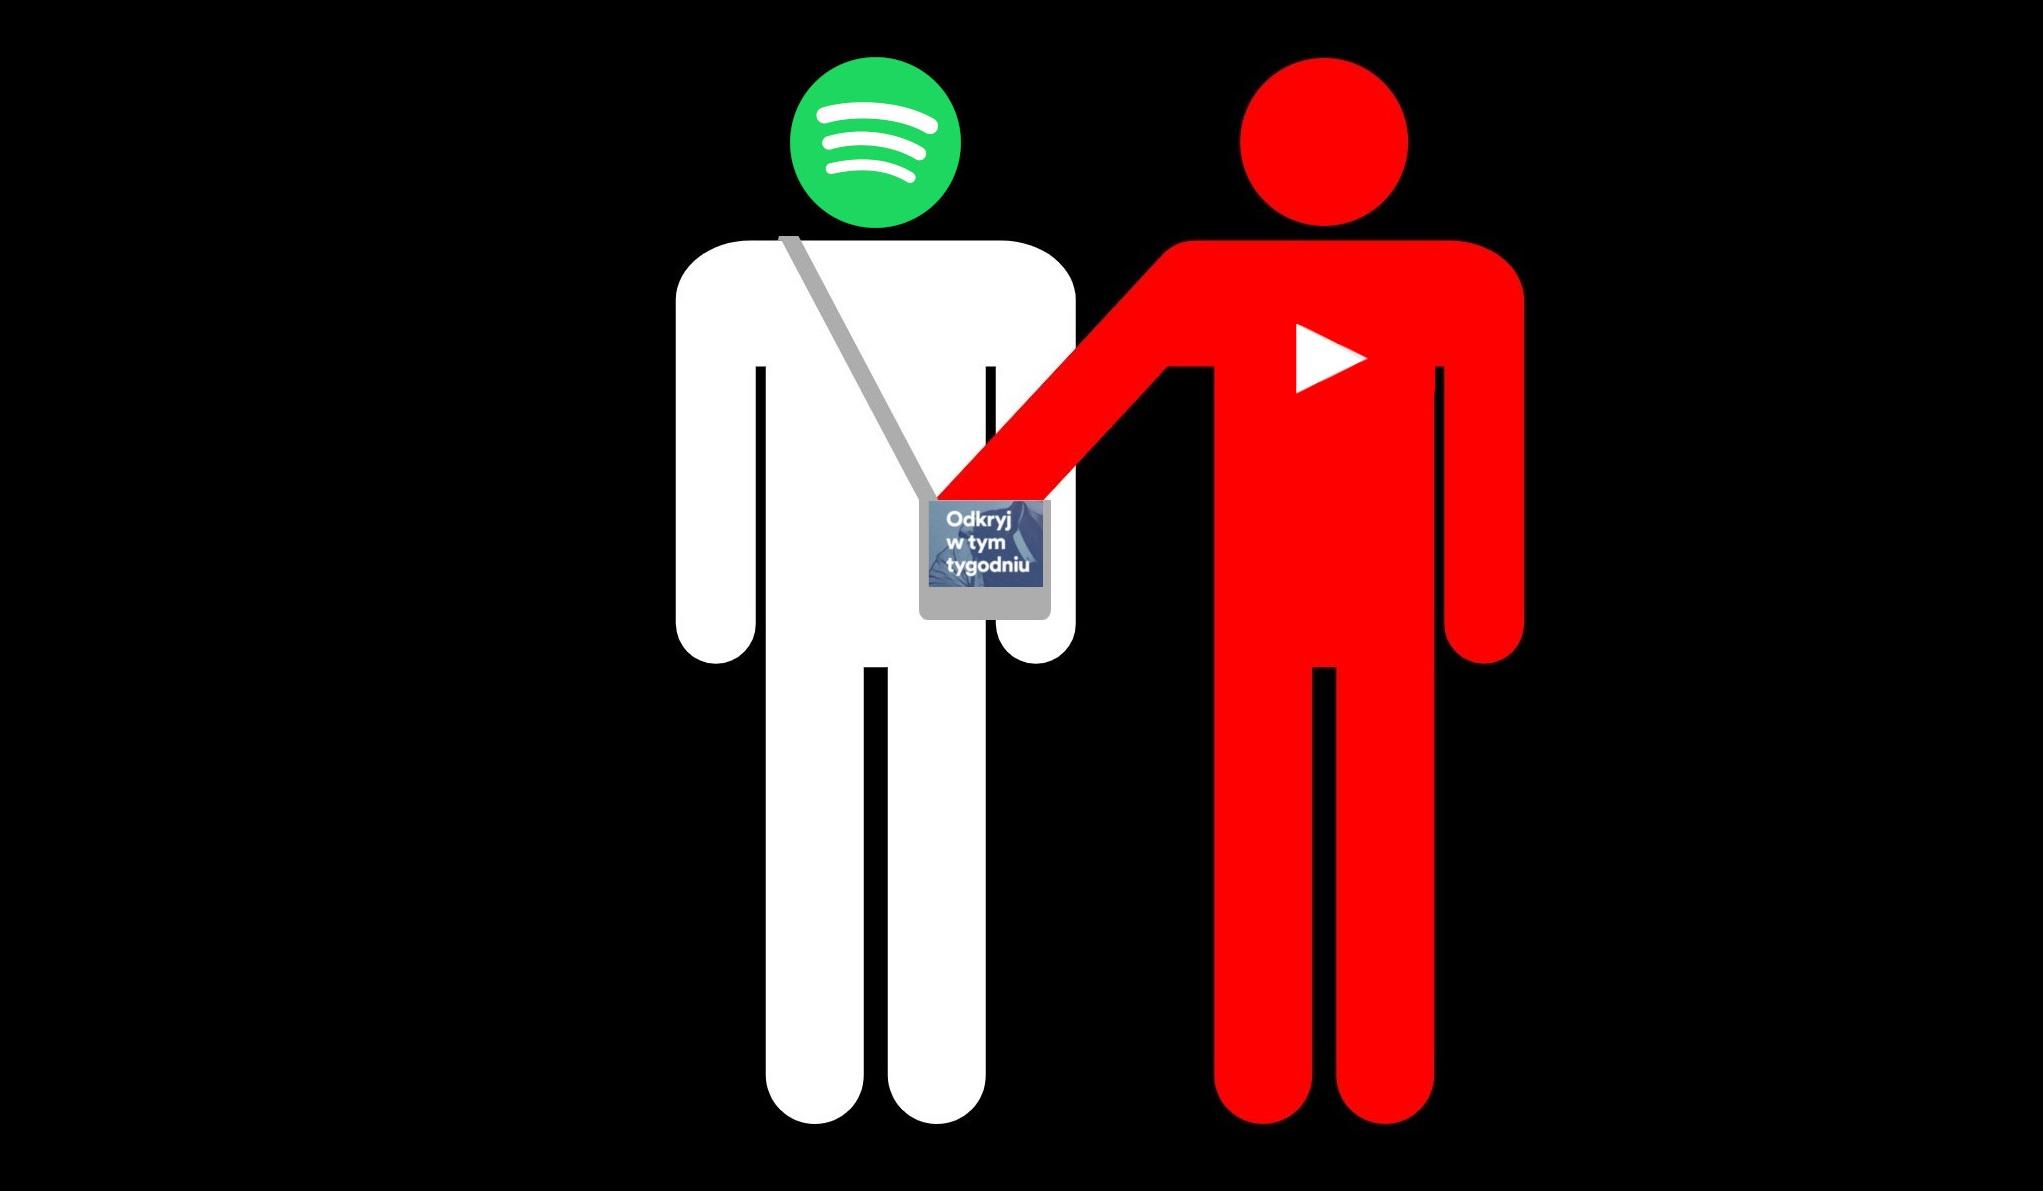 YouTube Music kradnie pomysł na odkrywanie muzyki od Spotify 18